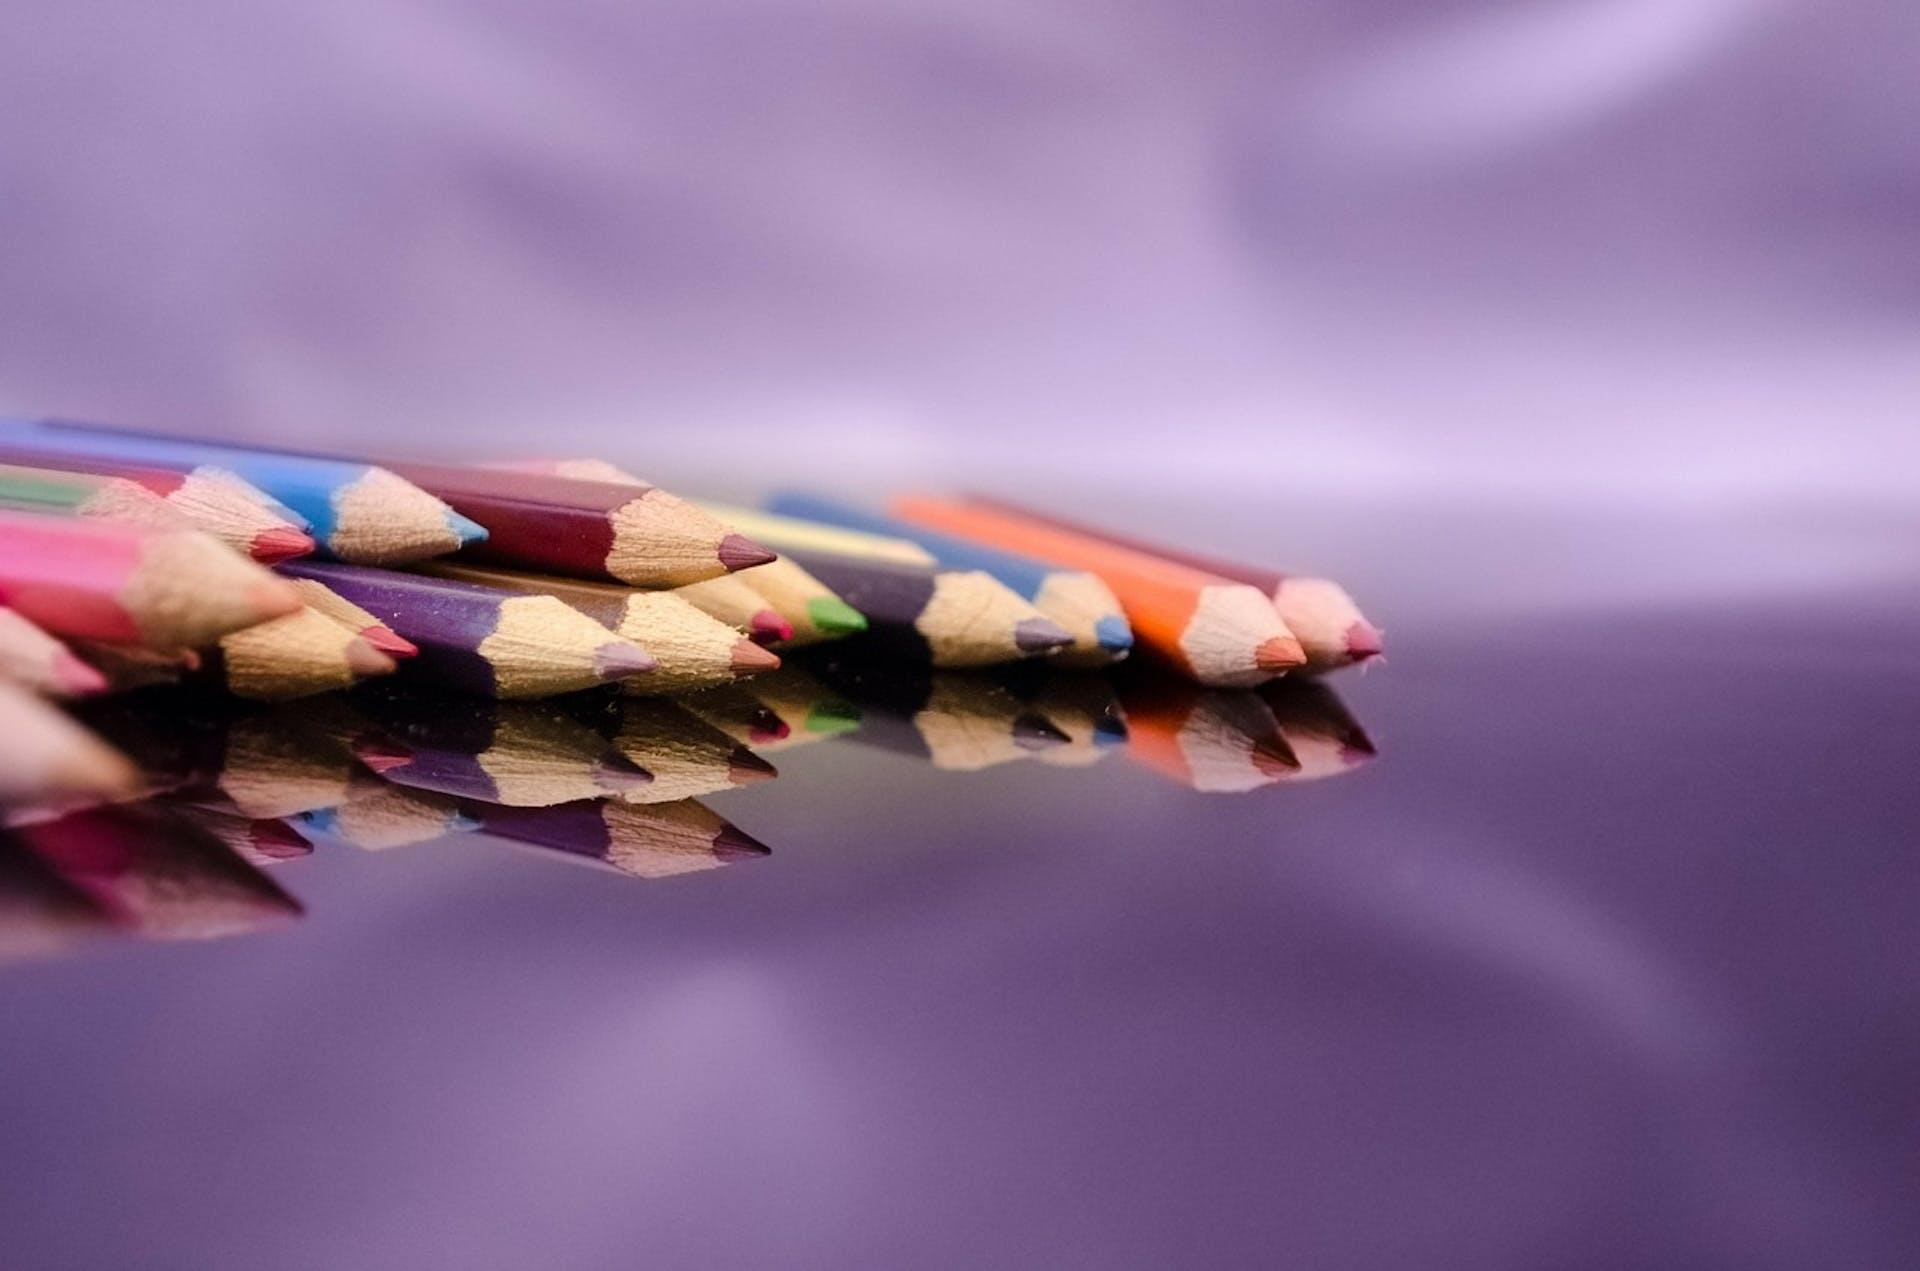 Técnicas para colorear y lograr resultados profesionales